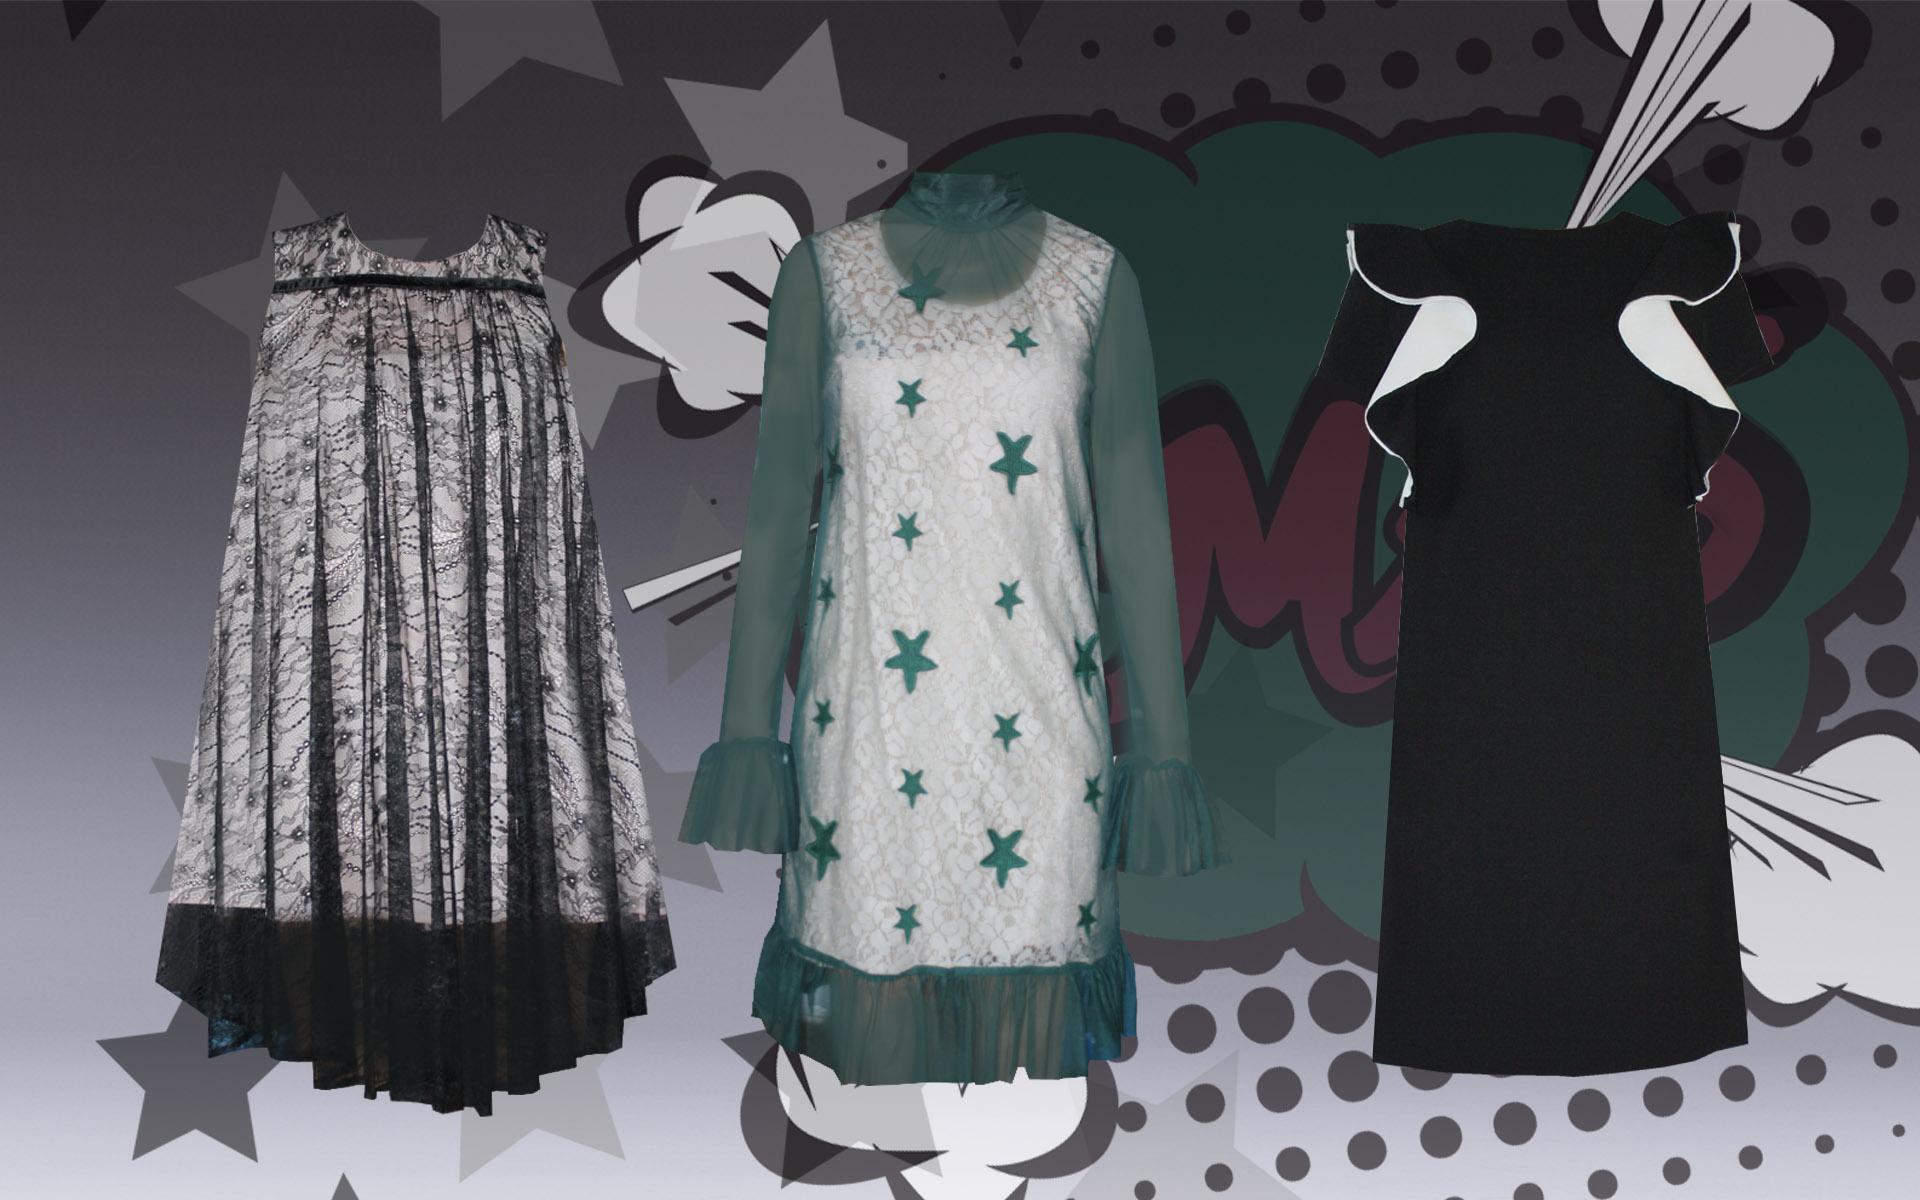 Tic-Tac il Natale sta arrivando, avete il look giusto per le feste?